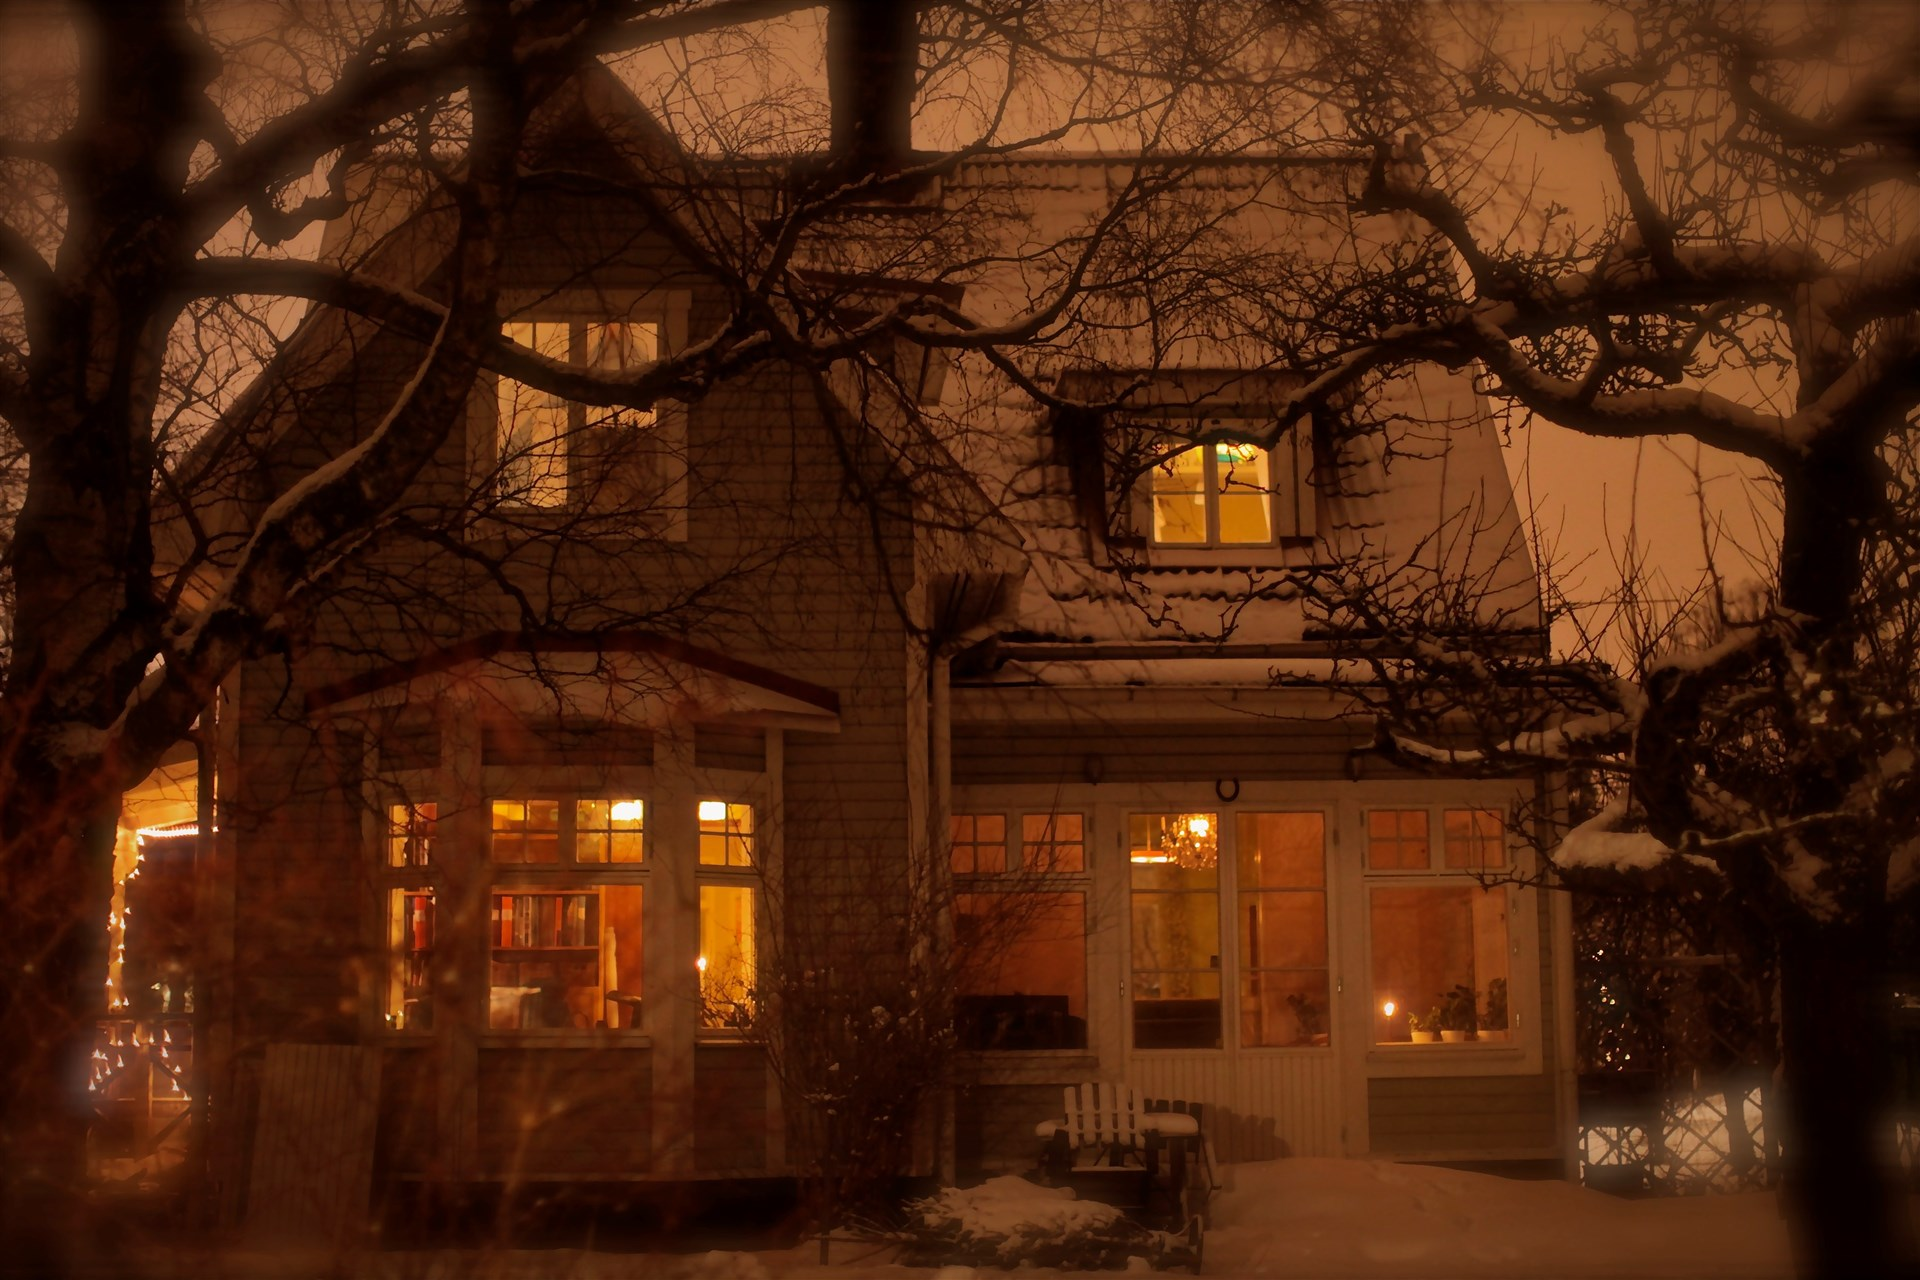 Säljarens egna bilder - huset i vinterskrud.